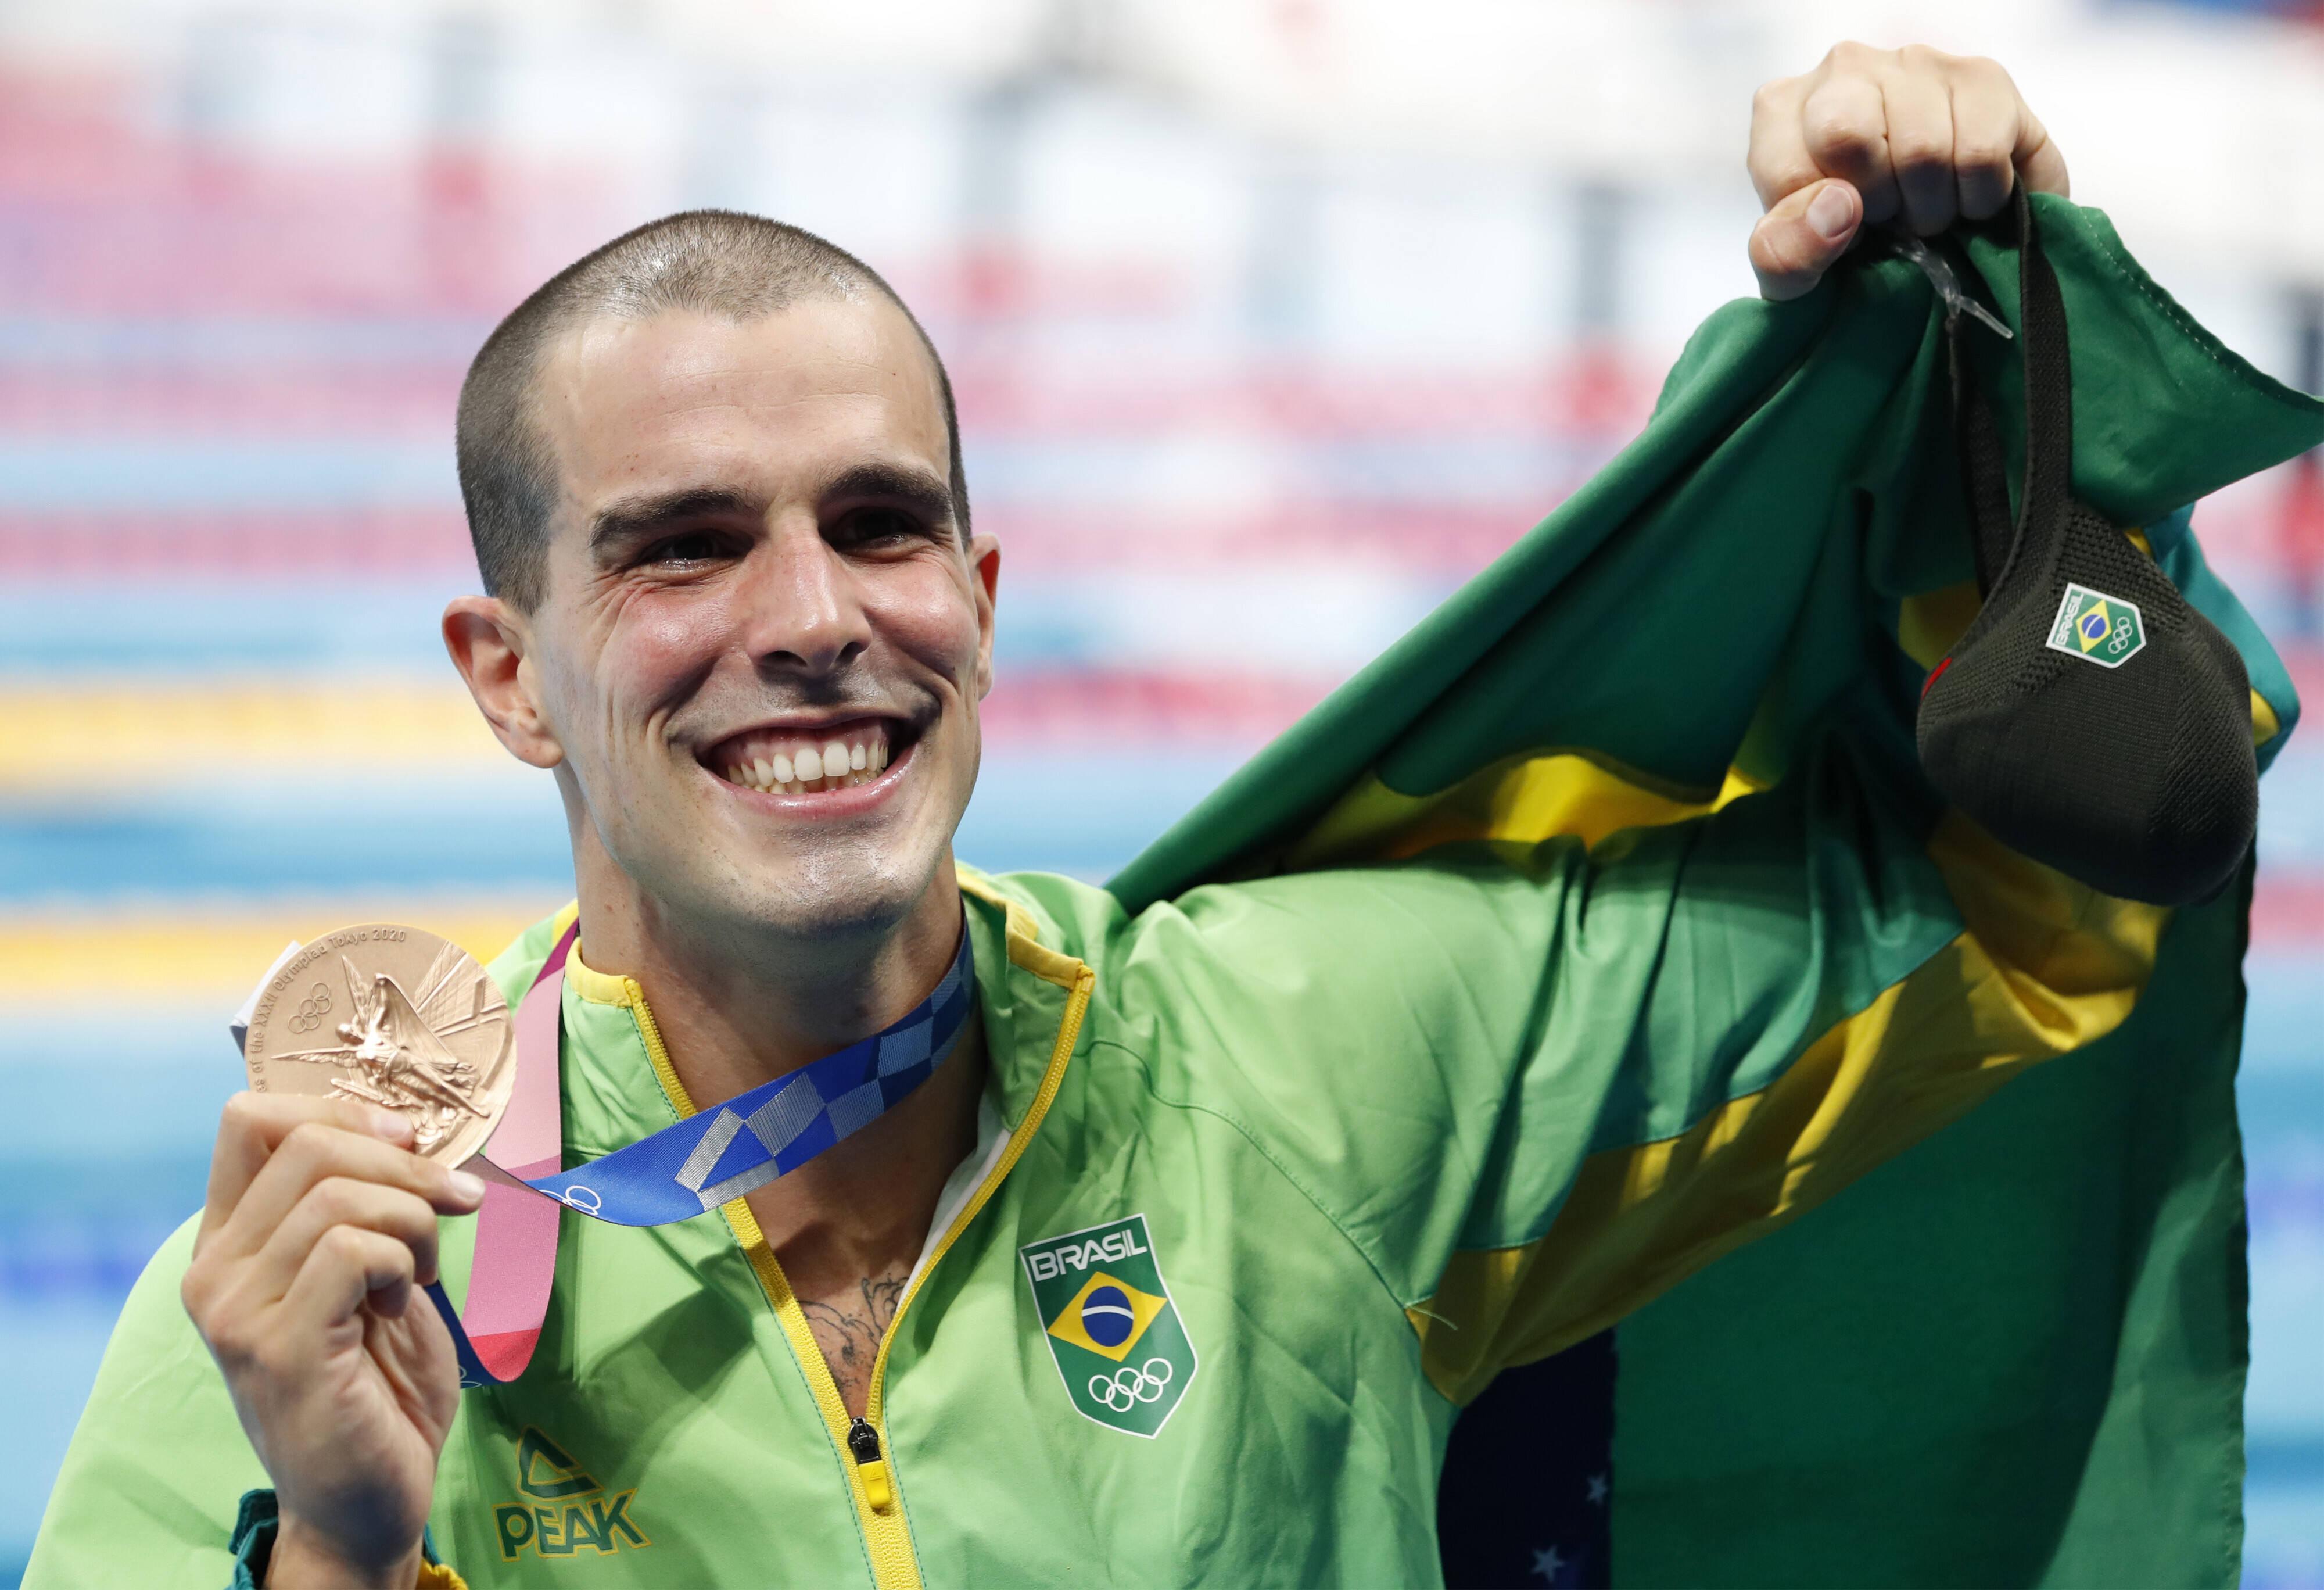 Bruno Fratus com a medalha de bronze das Olimpíadas. Foto: Tokyo 2020 / Twitter